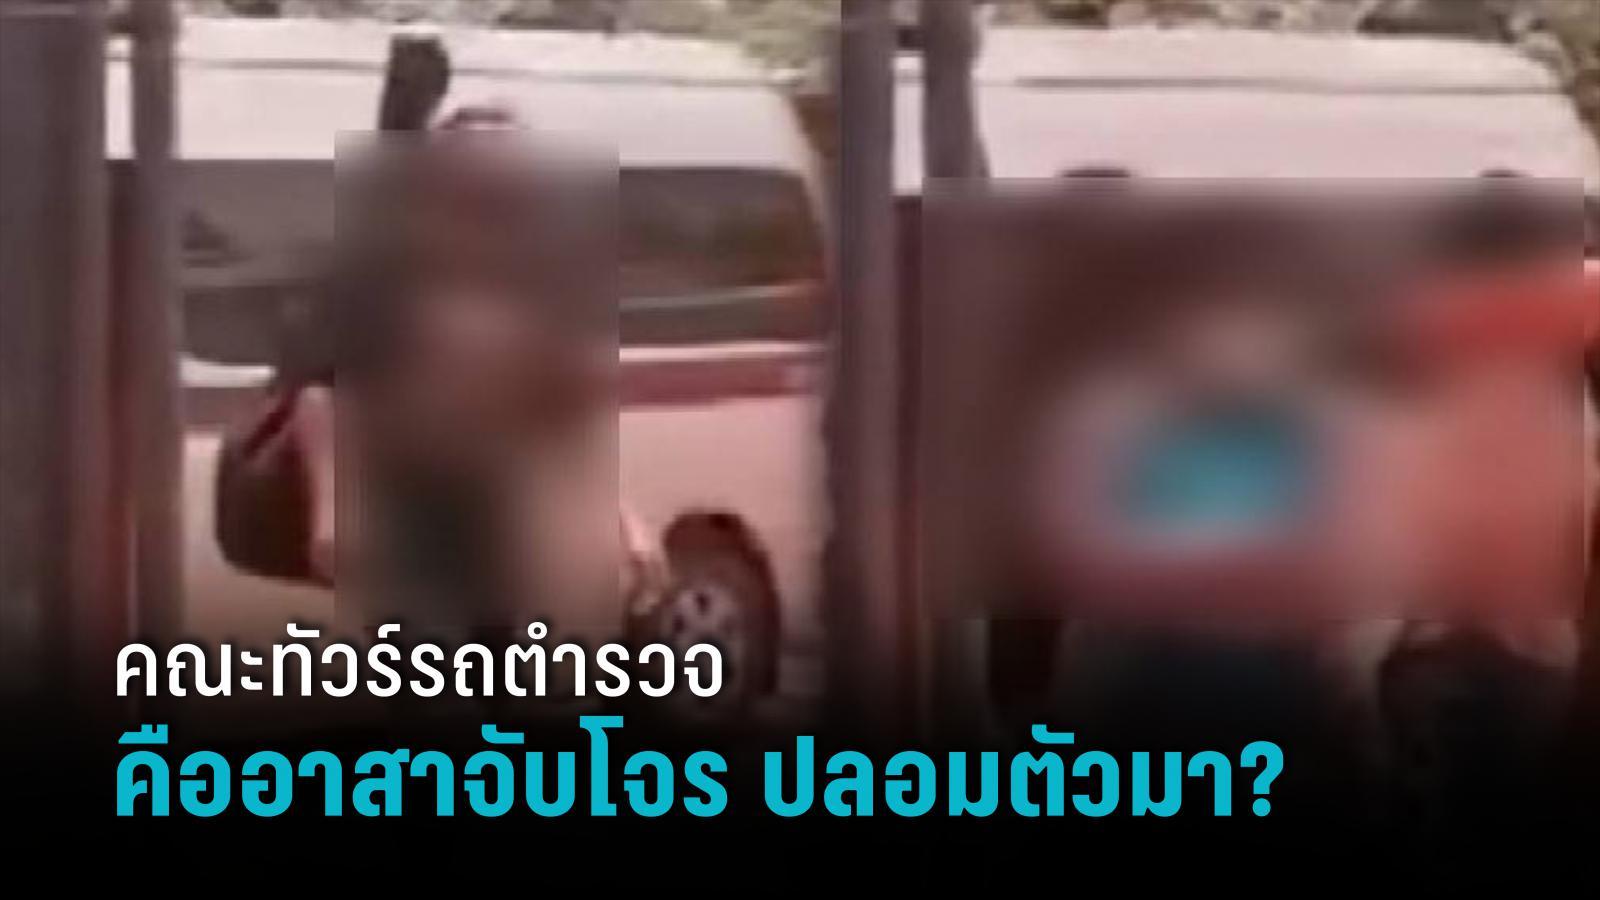 """ภ.3 แจง รถตู้ตำรวจโคราช คณะทัวร์โผล่ชะอำ ที่แท้ """"พ.ต.ท."""" บุกเดี่ยวไปจับผู้ร้าย ให้อาสาสมัครแฝงตัวร่วมทริป?"""